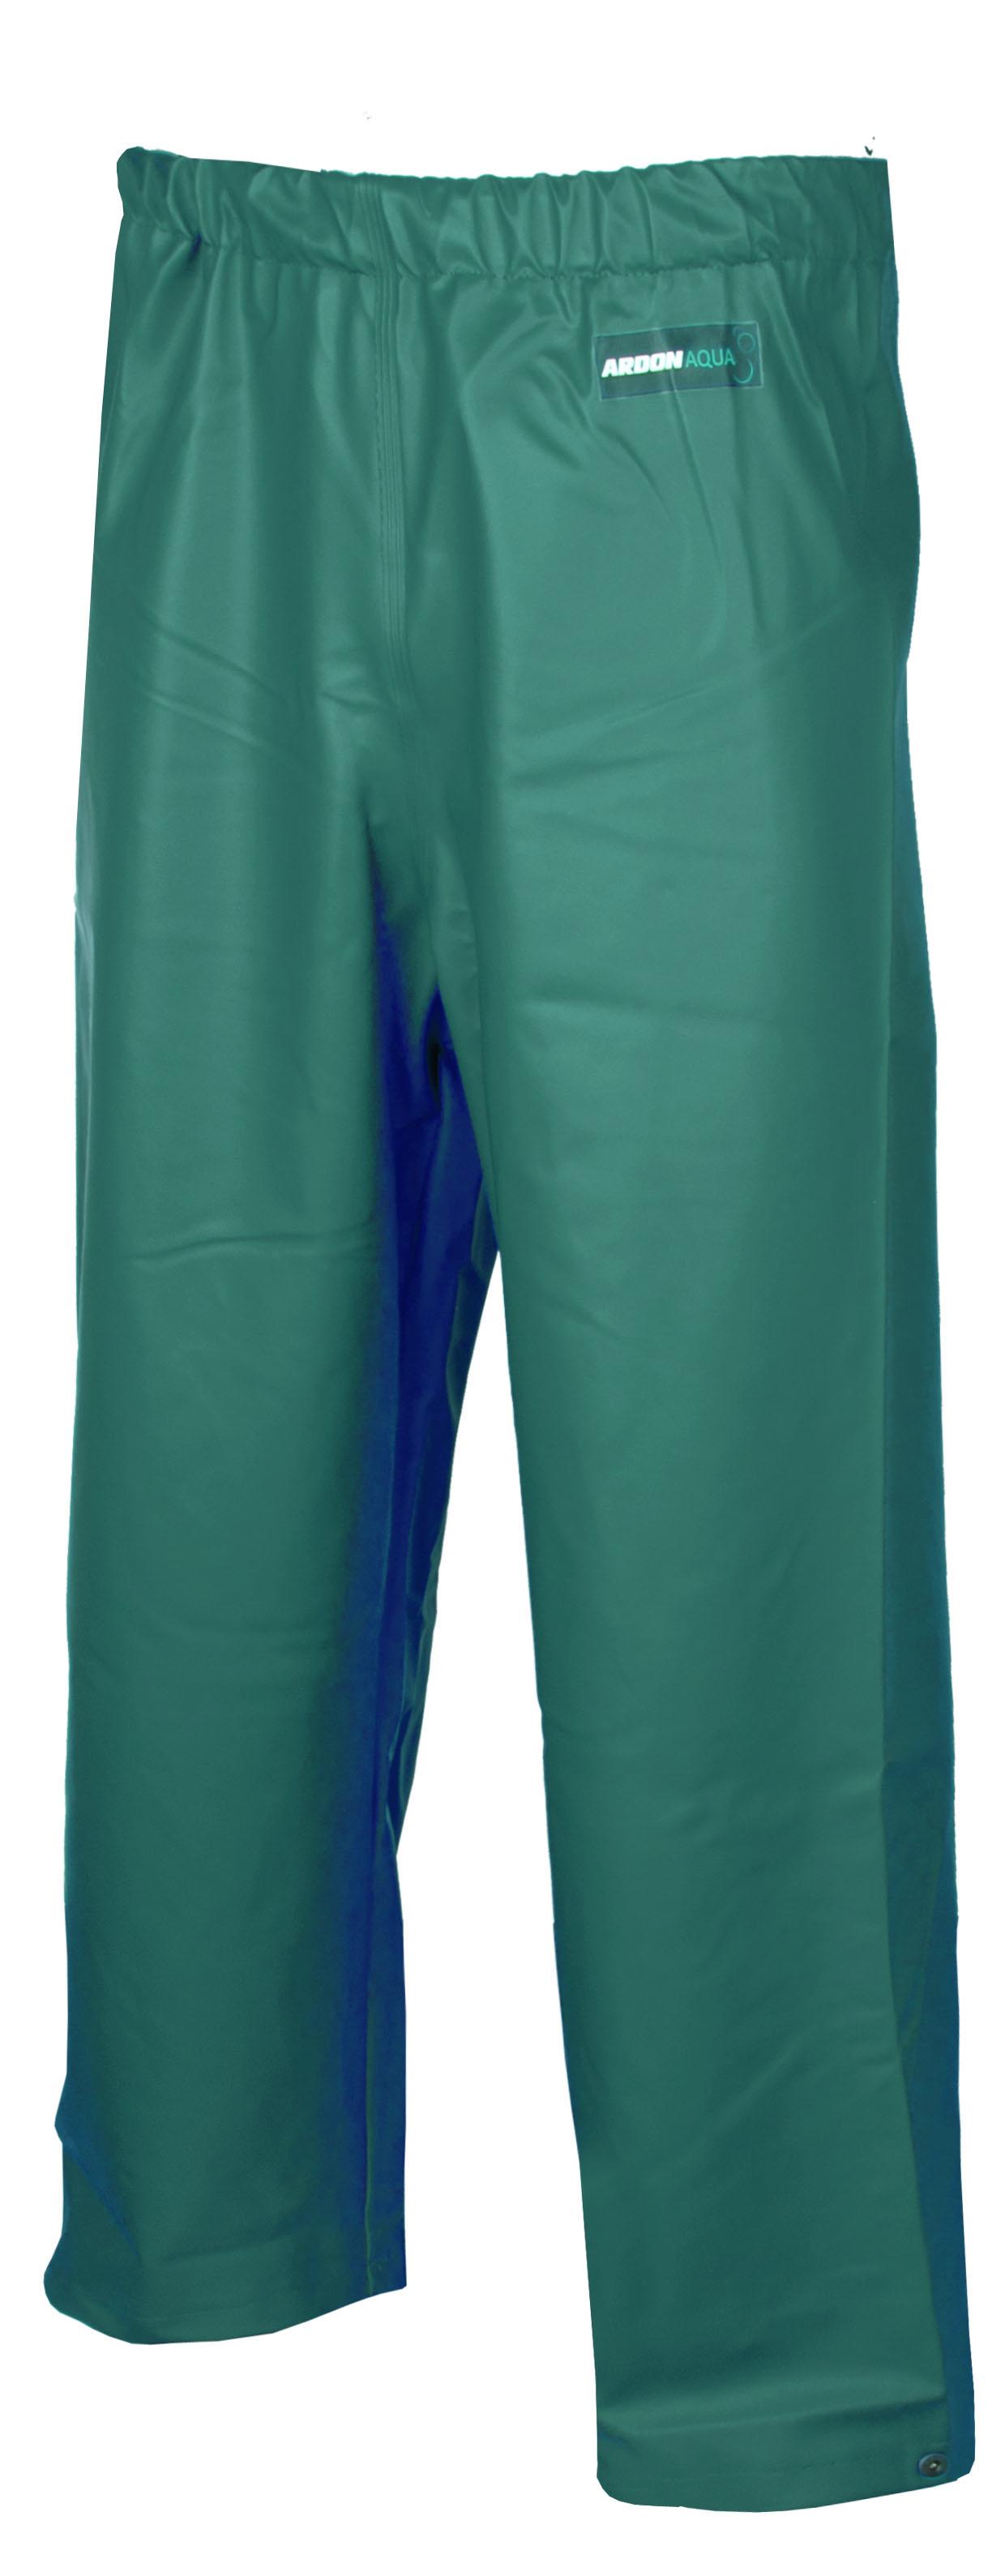 Kalhoty pas ARDON AQUA 112 zelené L